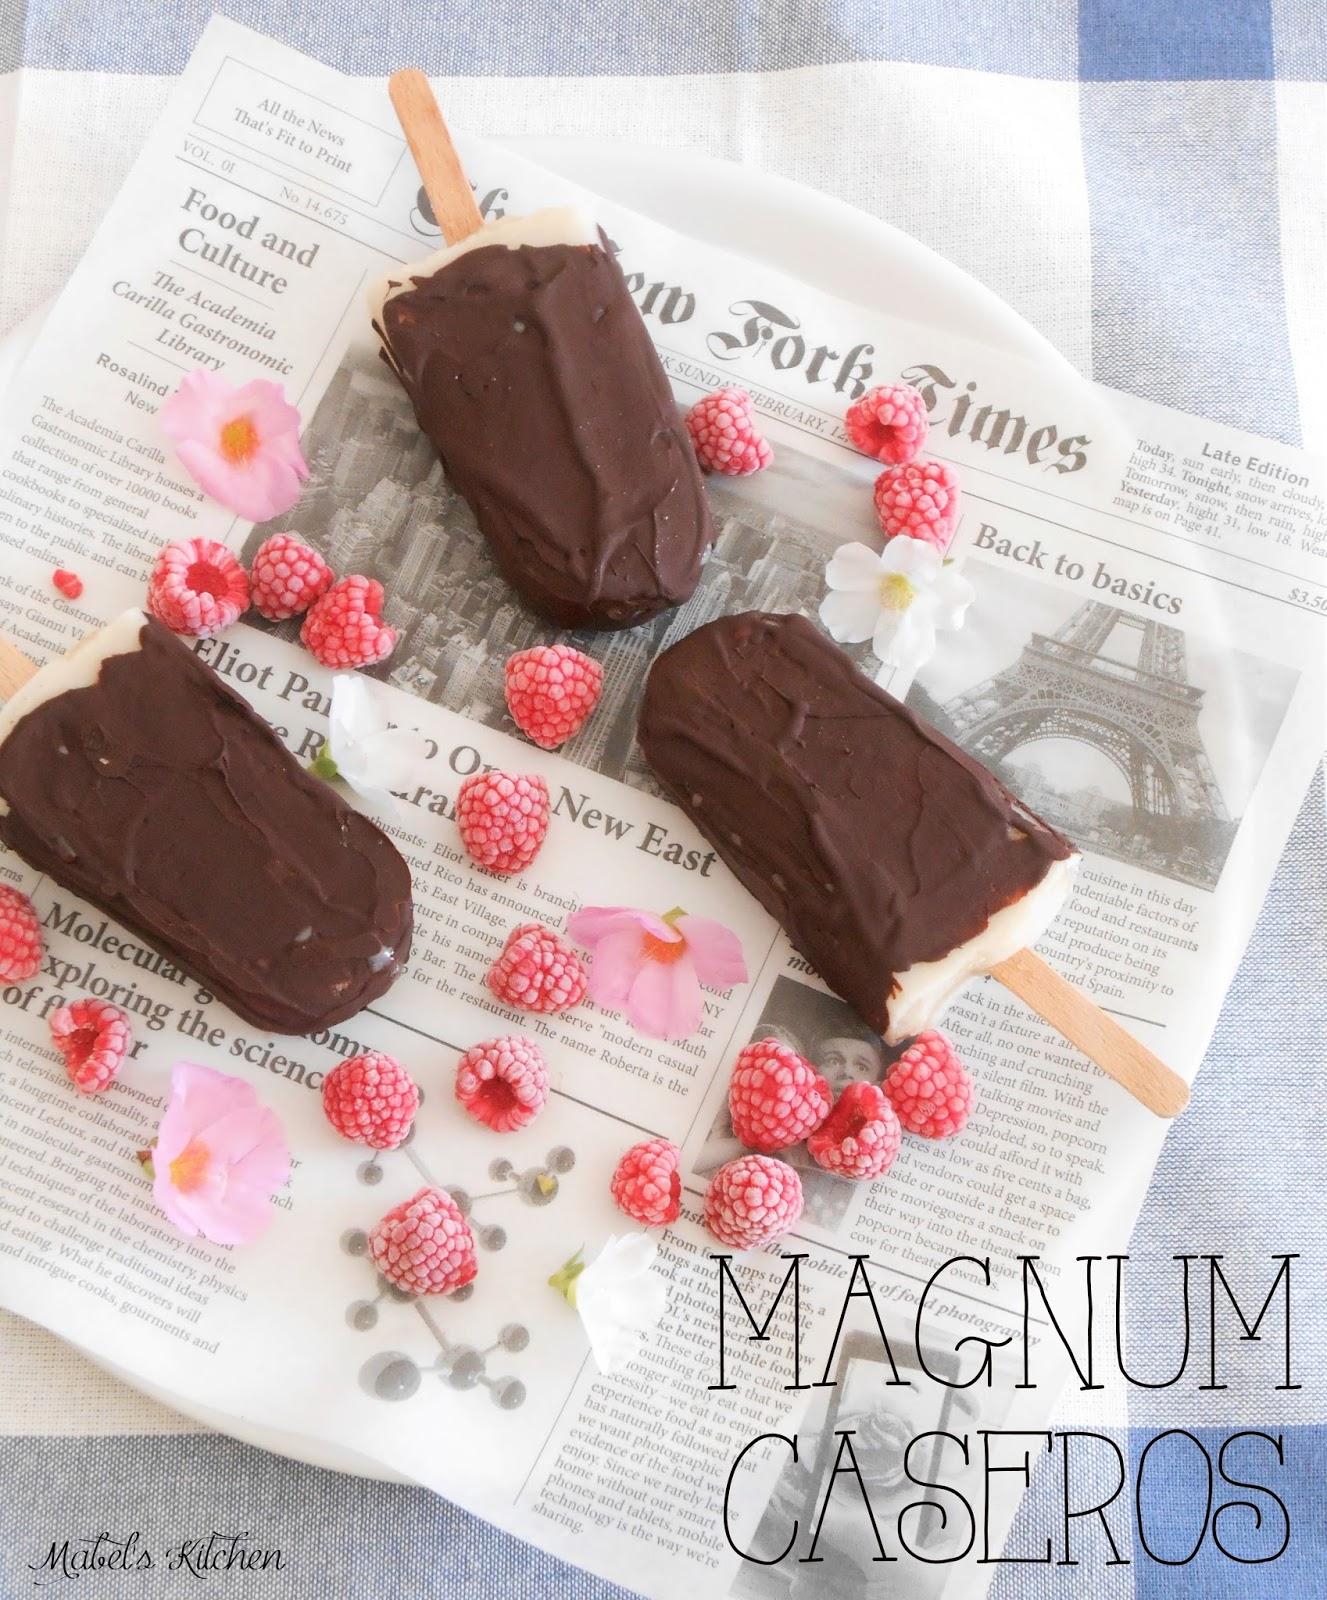 magnum-vegano